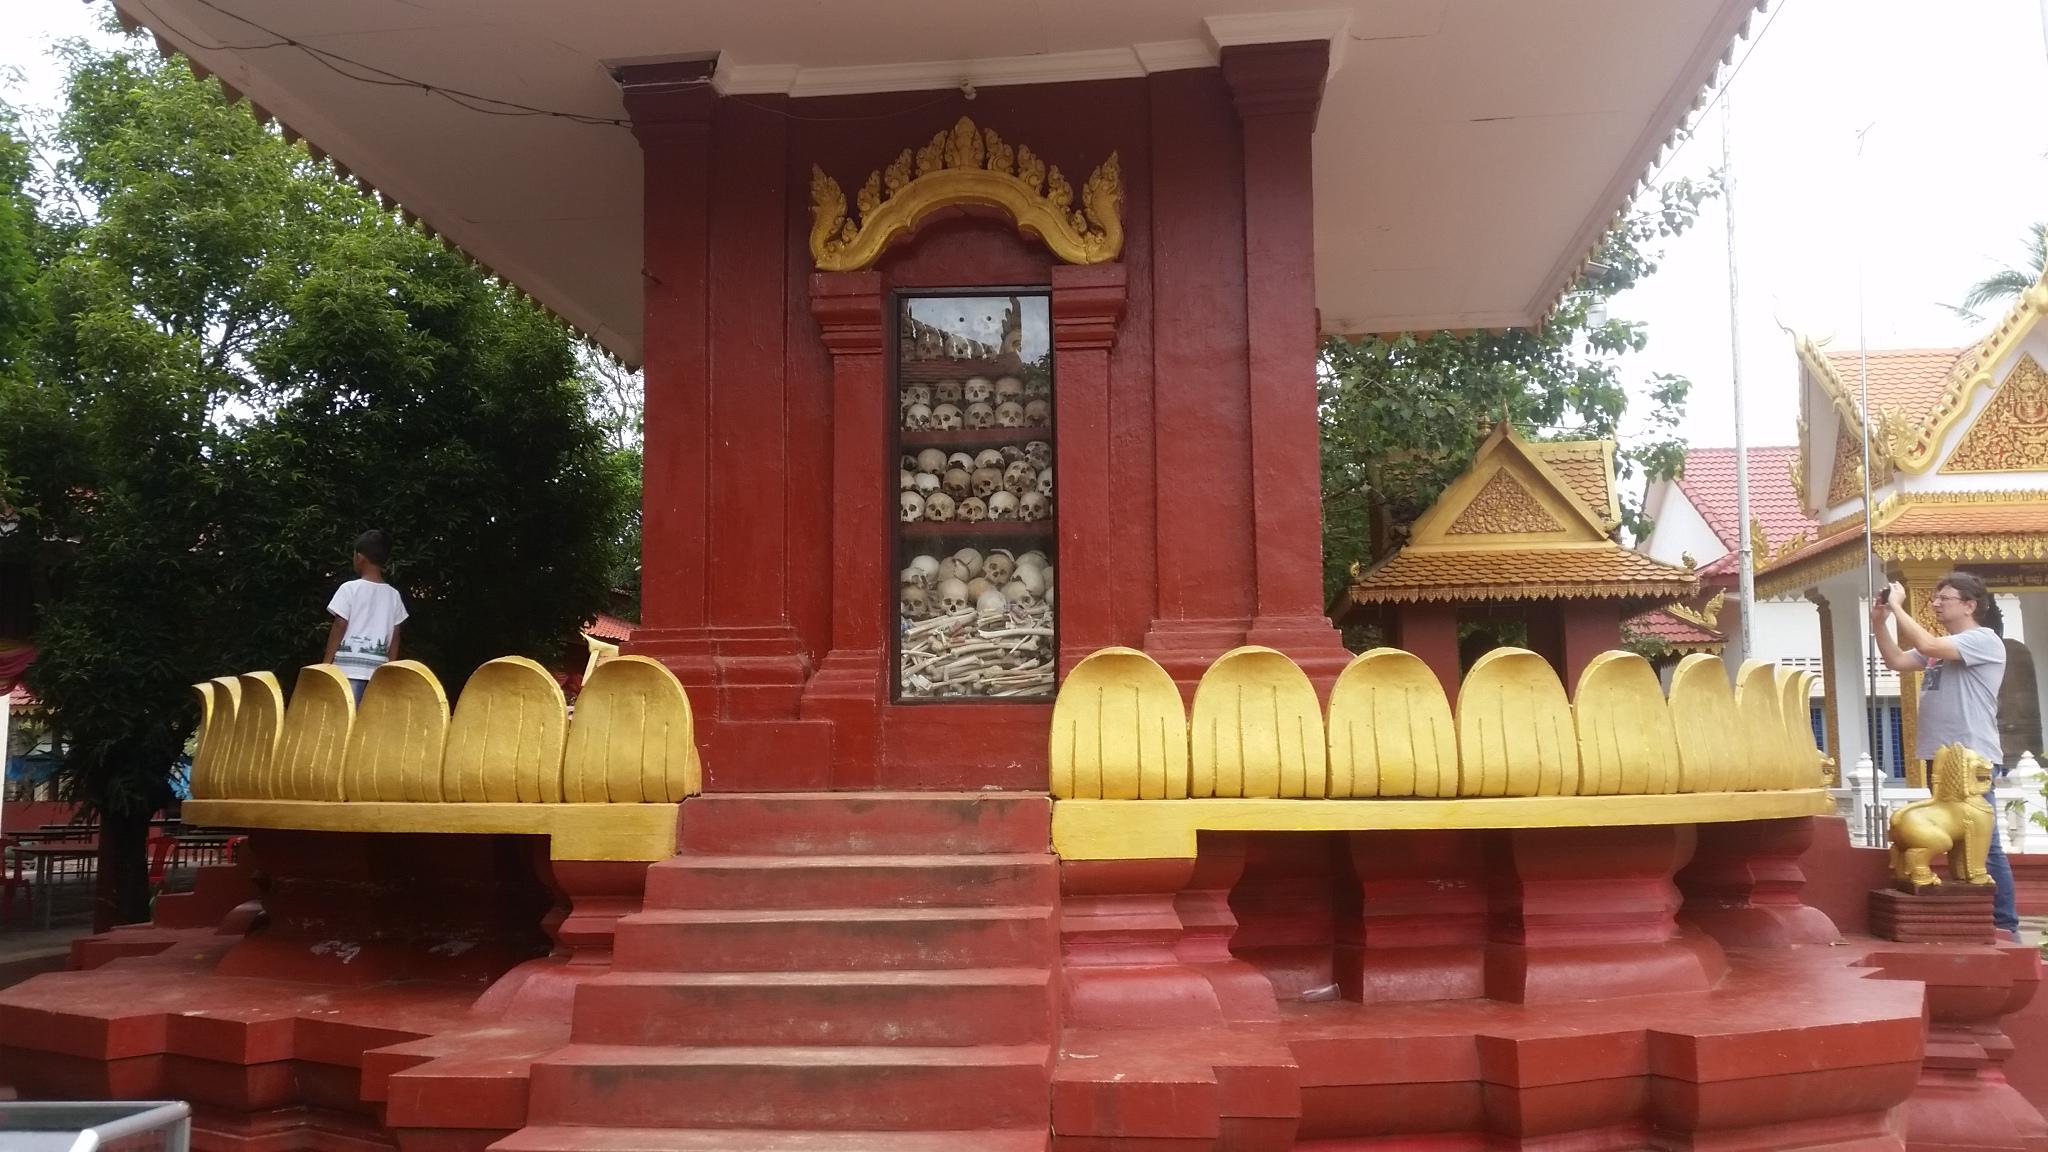 За четири години е избита една четвърт от населението на Камбоджа - това е най-големият геноцид в новата история. От 1975 до 1979 година по време на управлението на Червените кхмери са умрели два милиона души, брутално изтезавани. В страната има 388 масови гробове, един от тях е в Сием Реап.